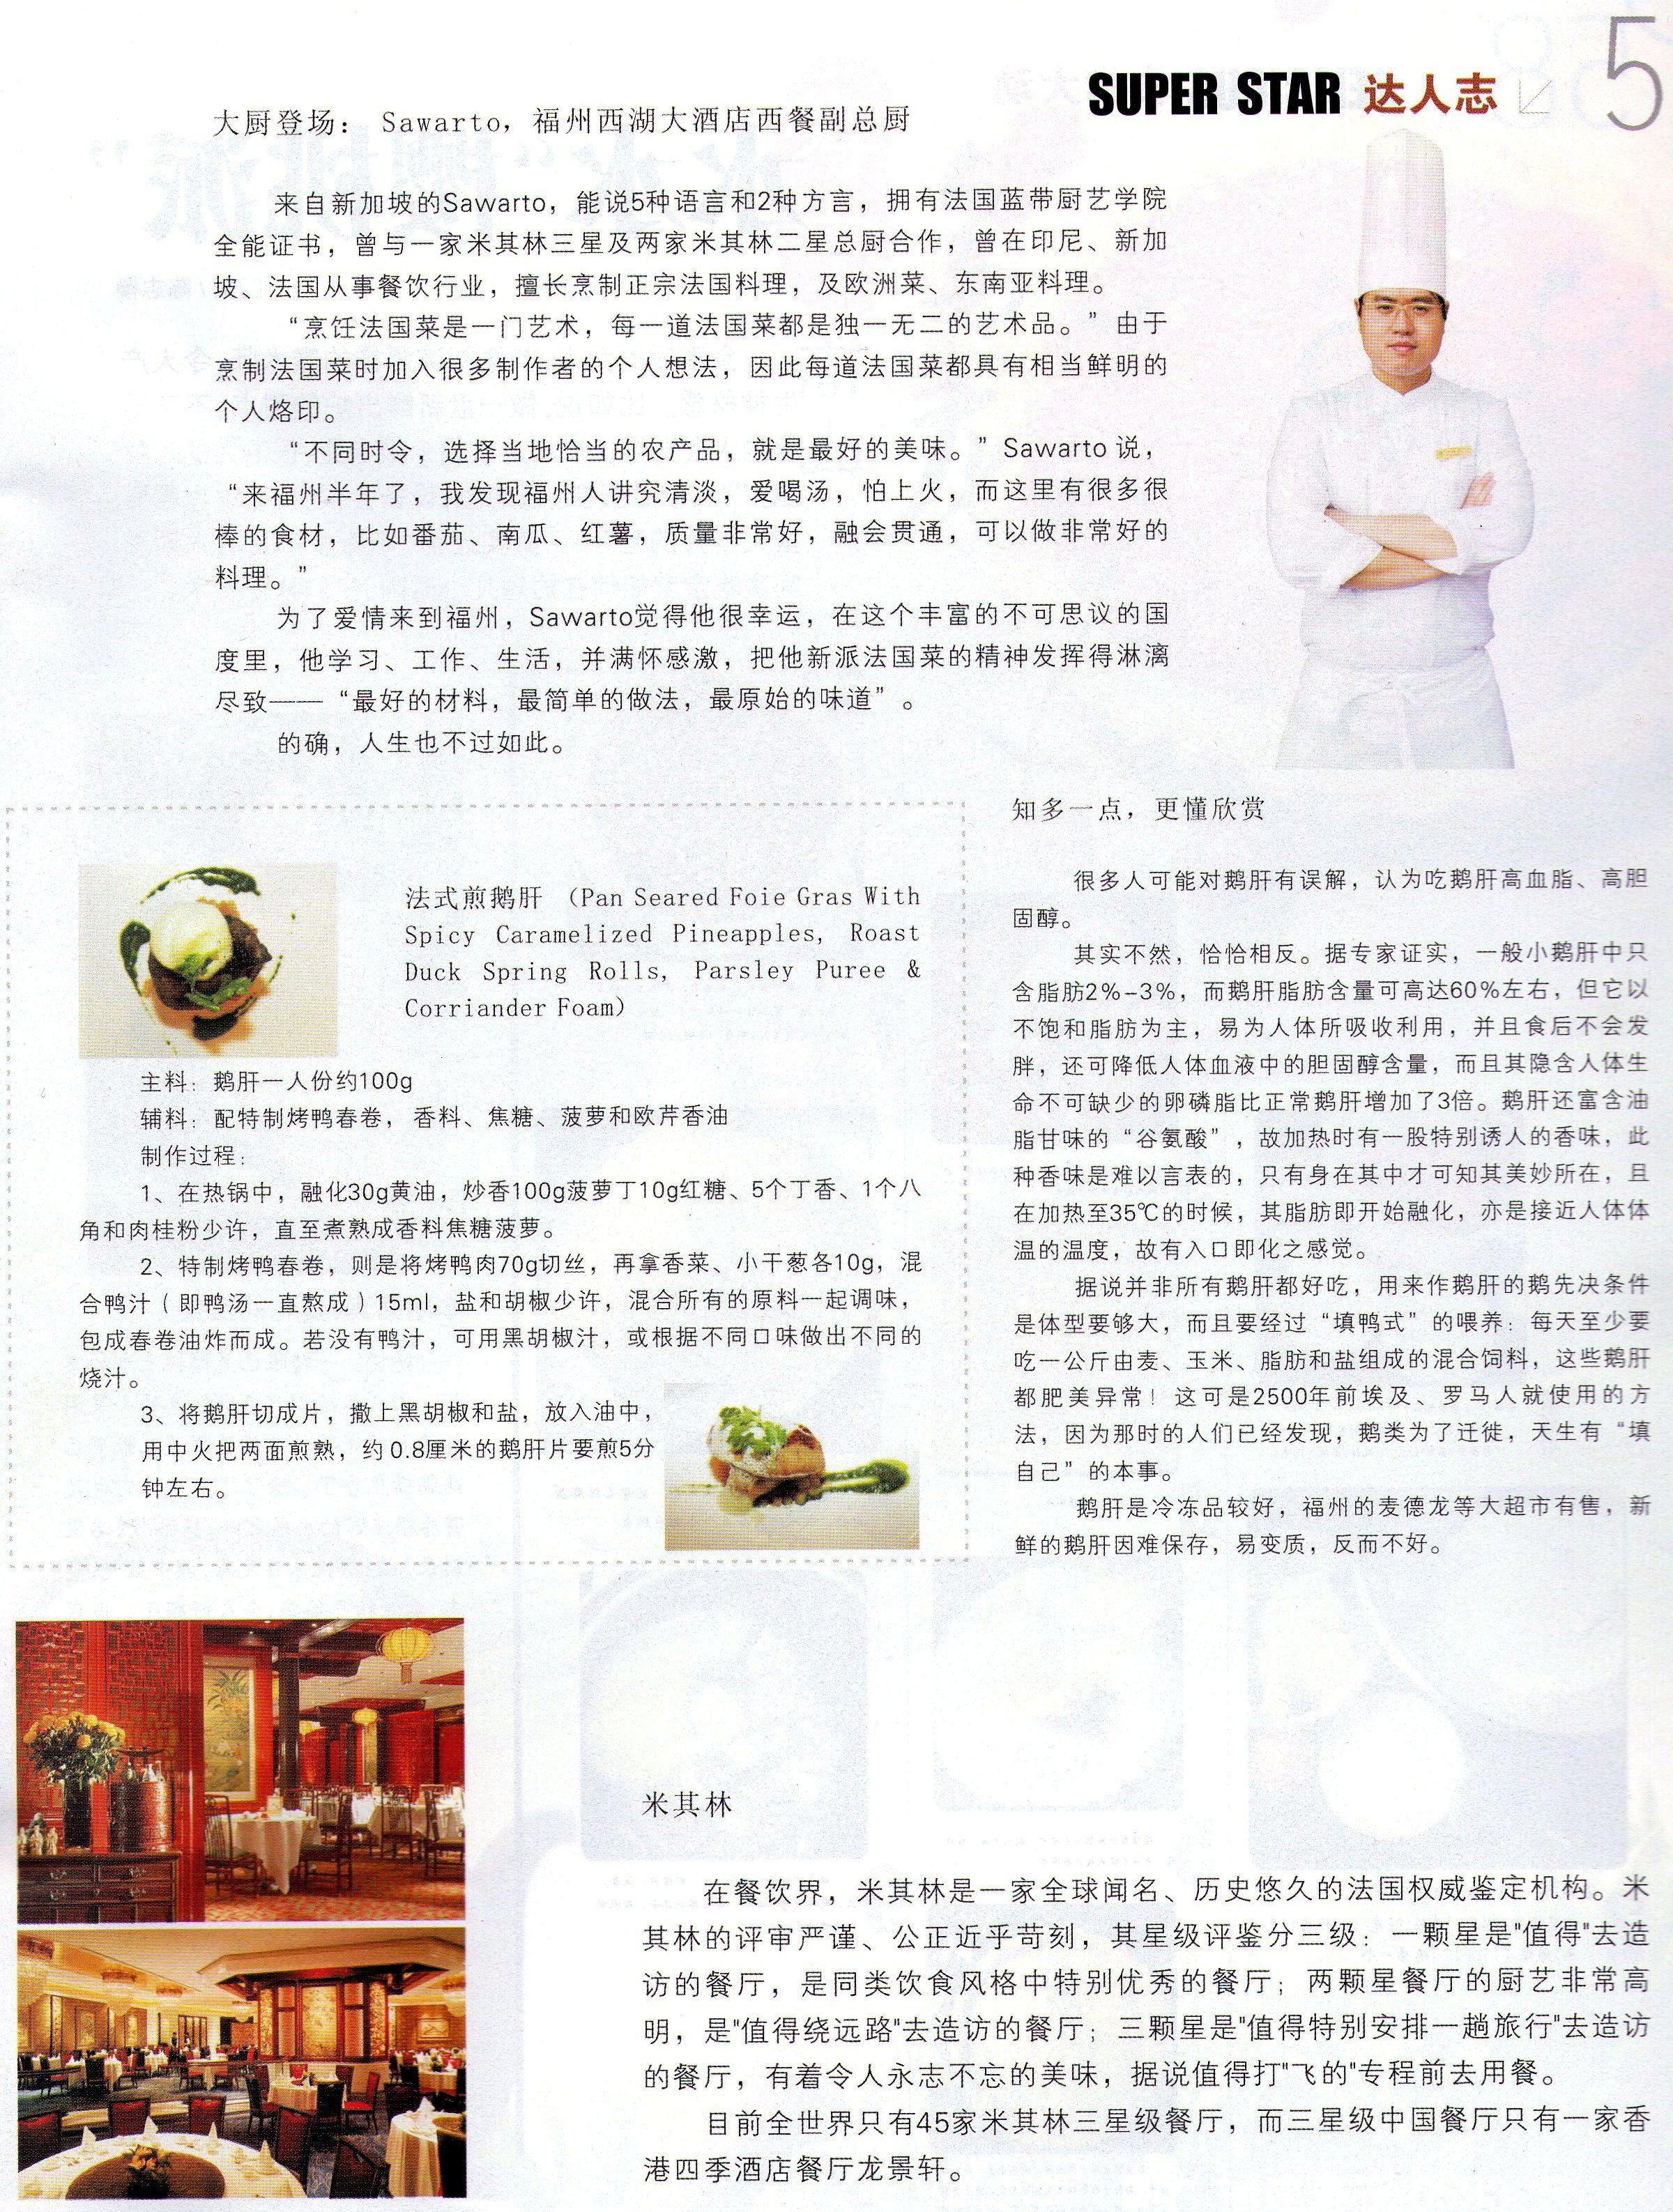 passengers magazine - 旅客报2